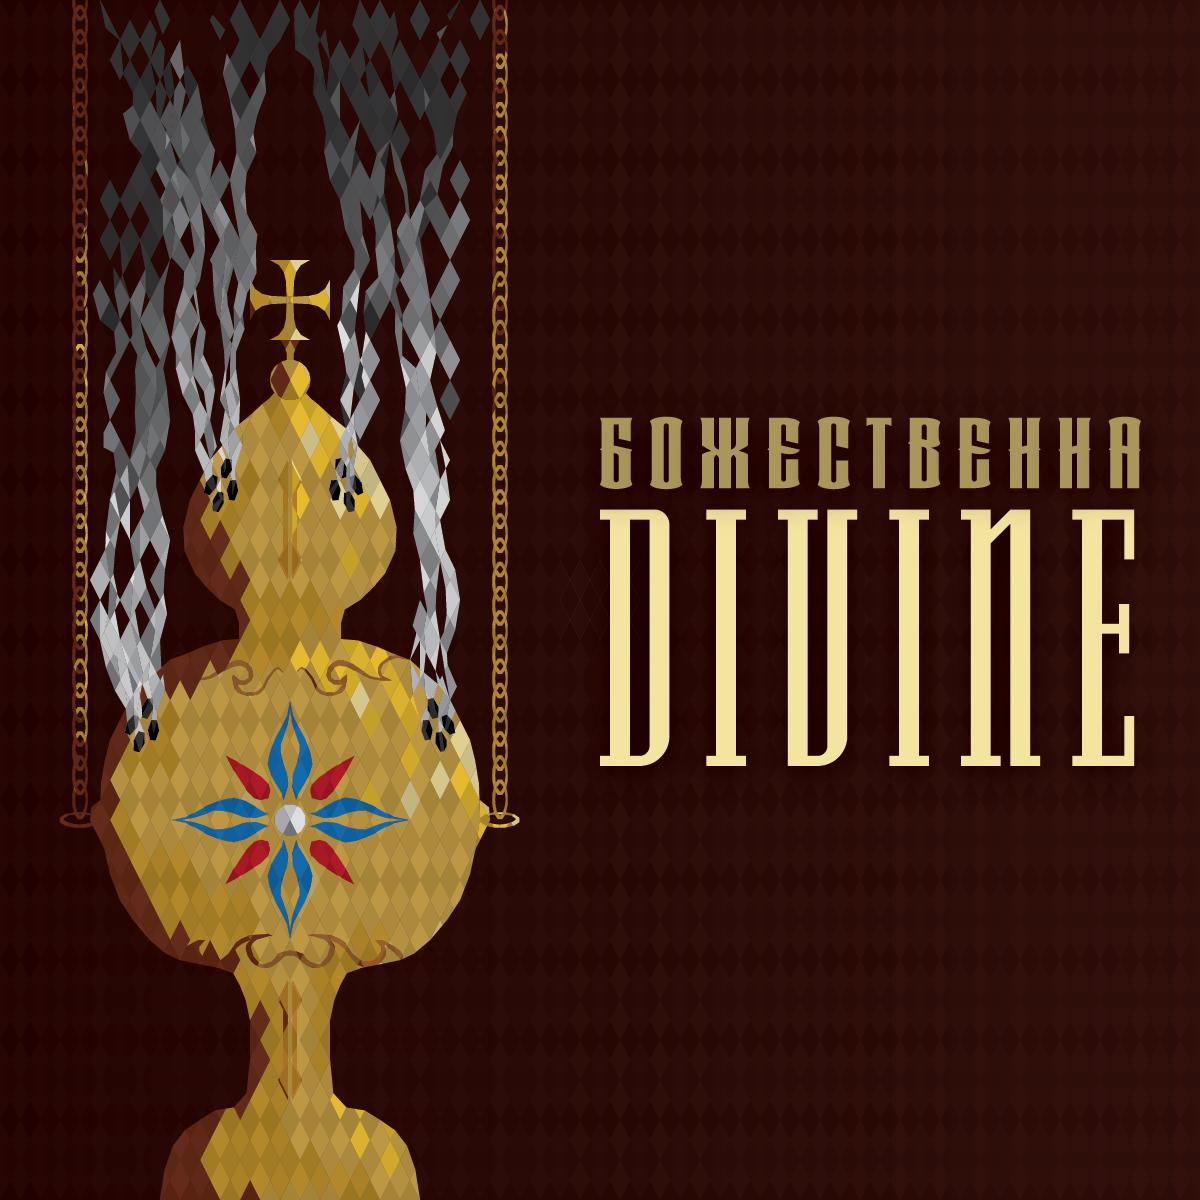 Divine concert poster